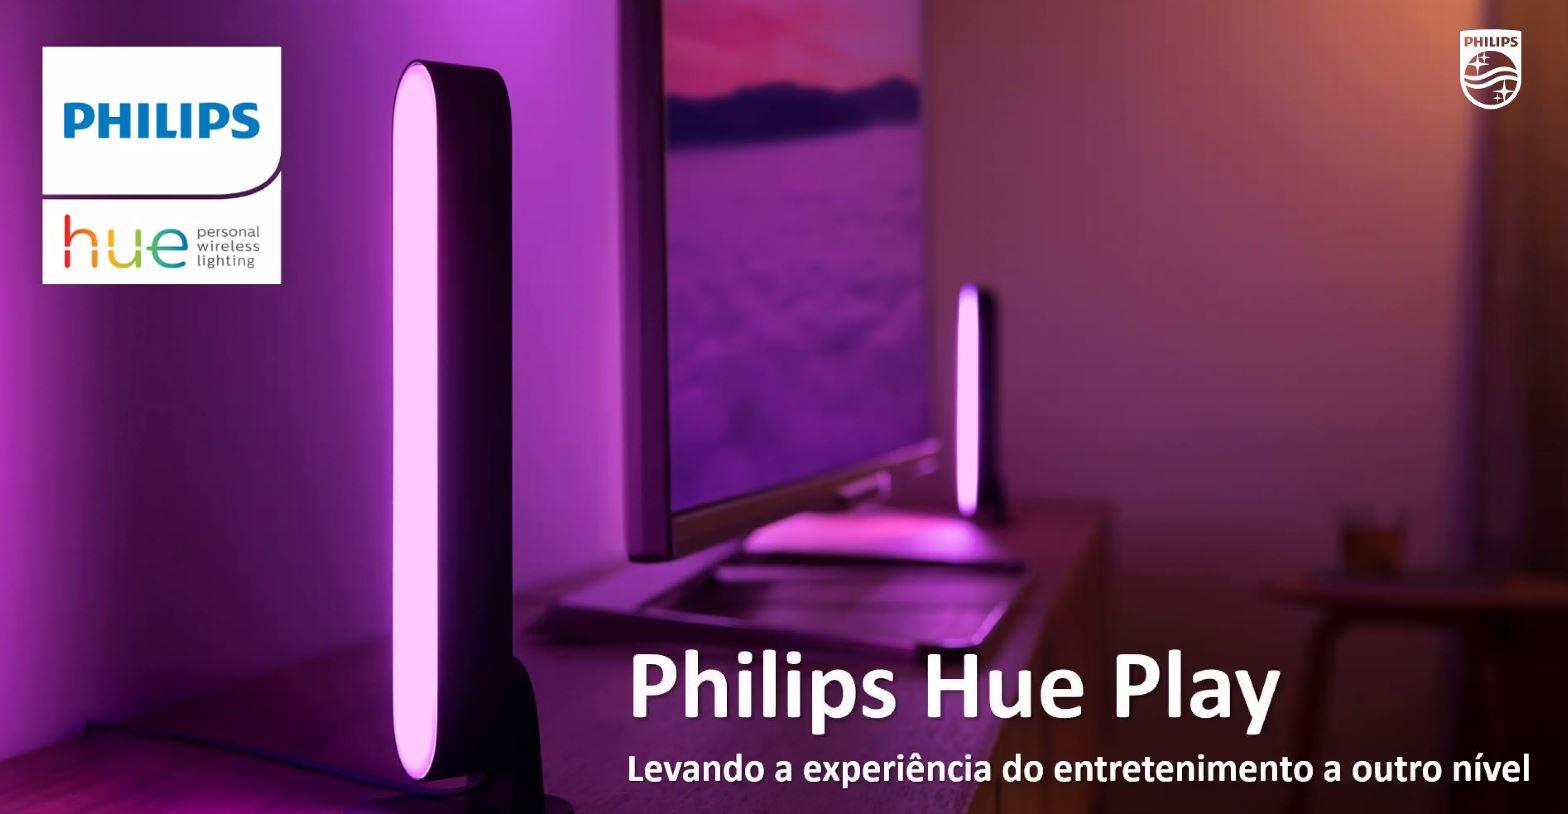 Philips | Empresa lança Hue Play oficialmente no Brasil